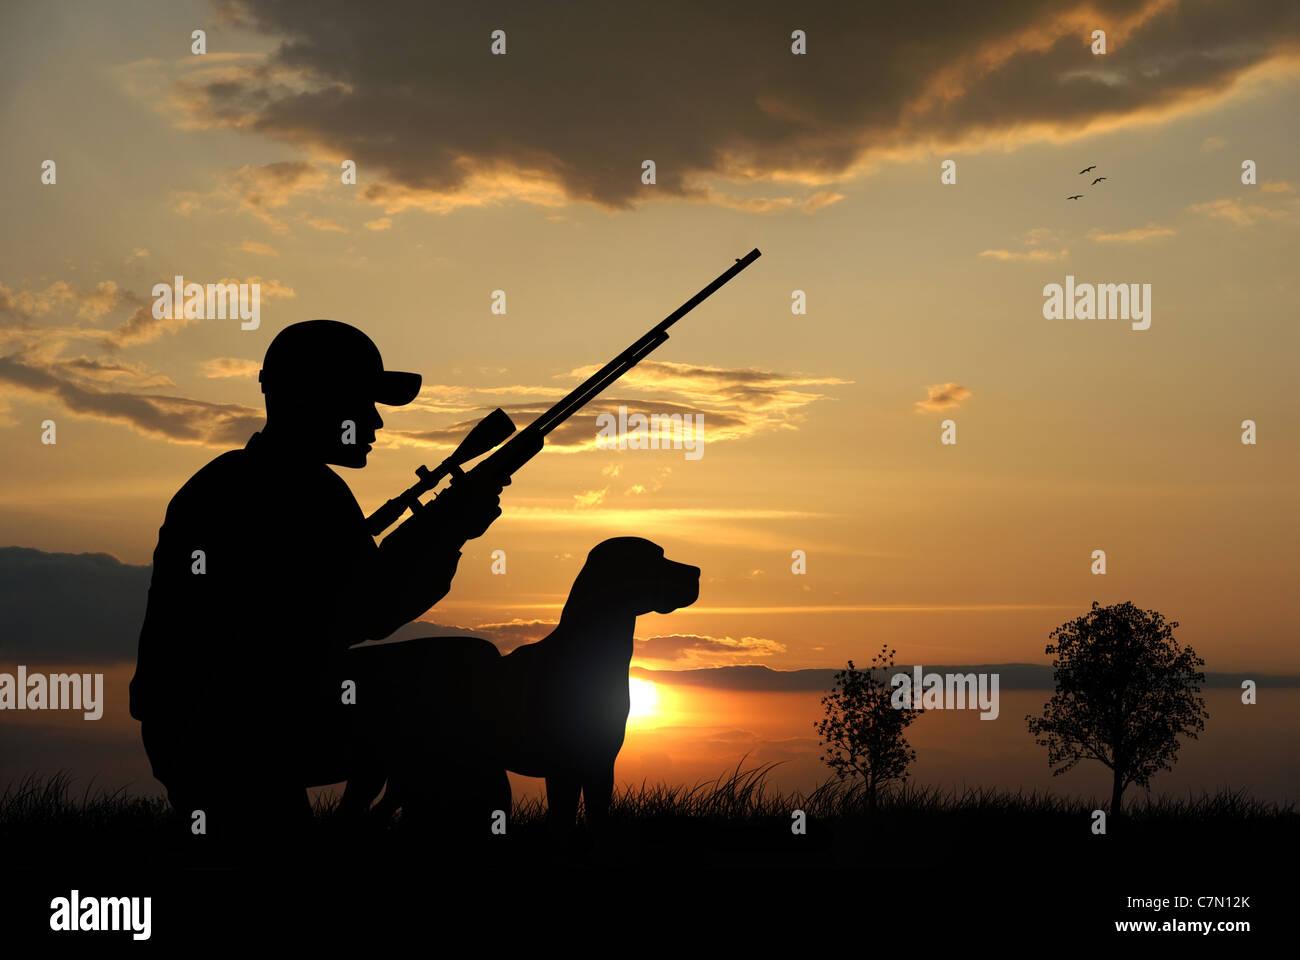 Jäger mit seinem Hund Silhouetten auf Sonnenuntergang Hintergrund Stockbild